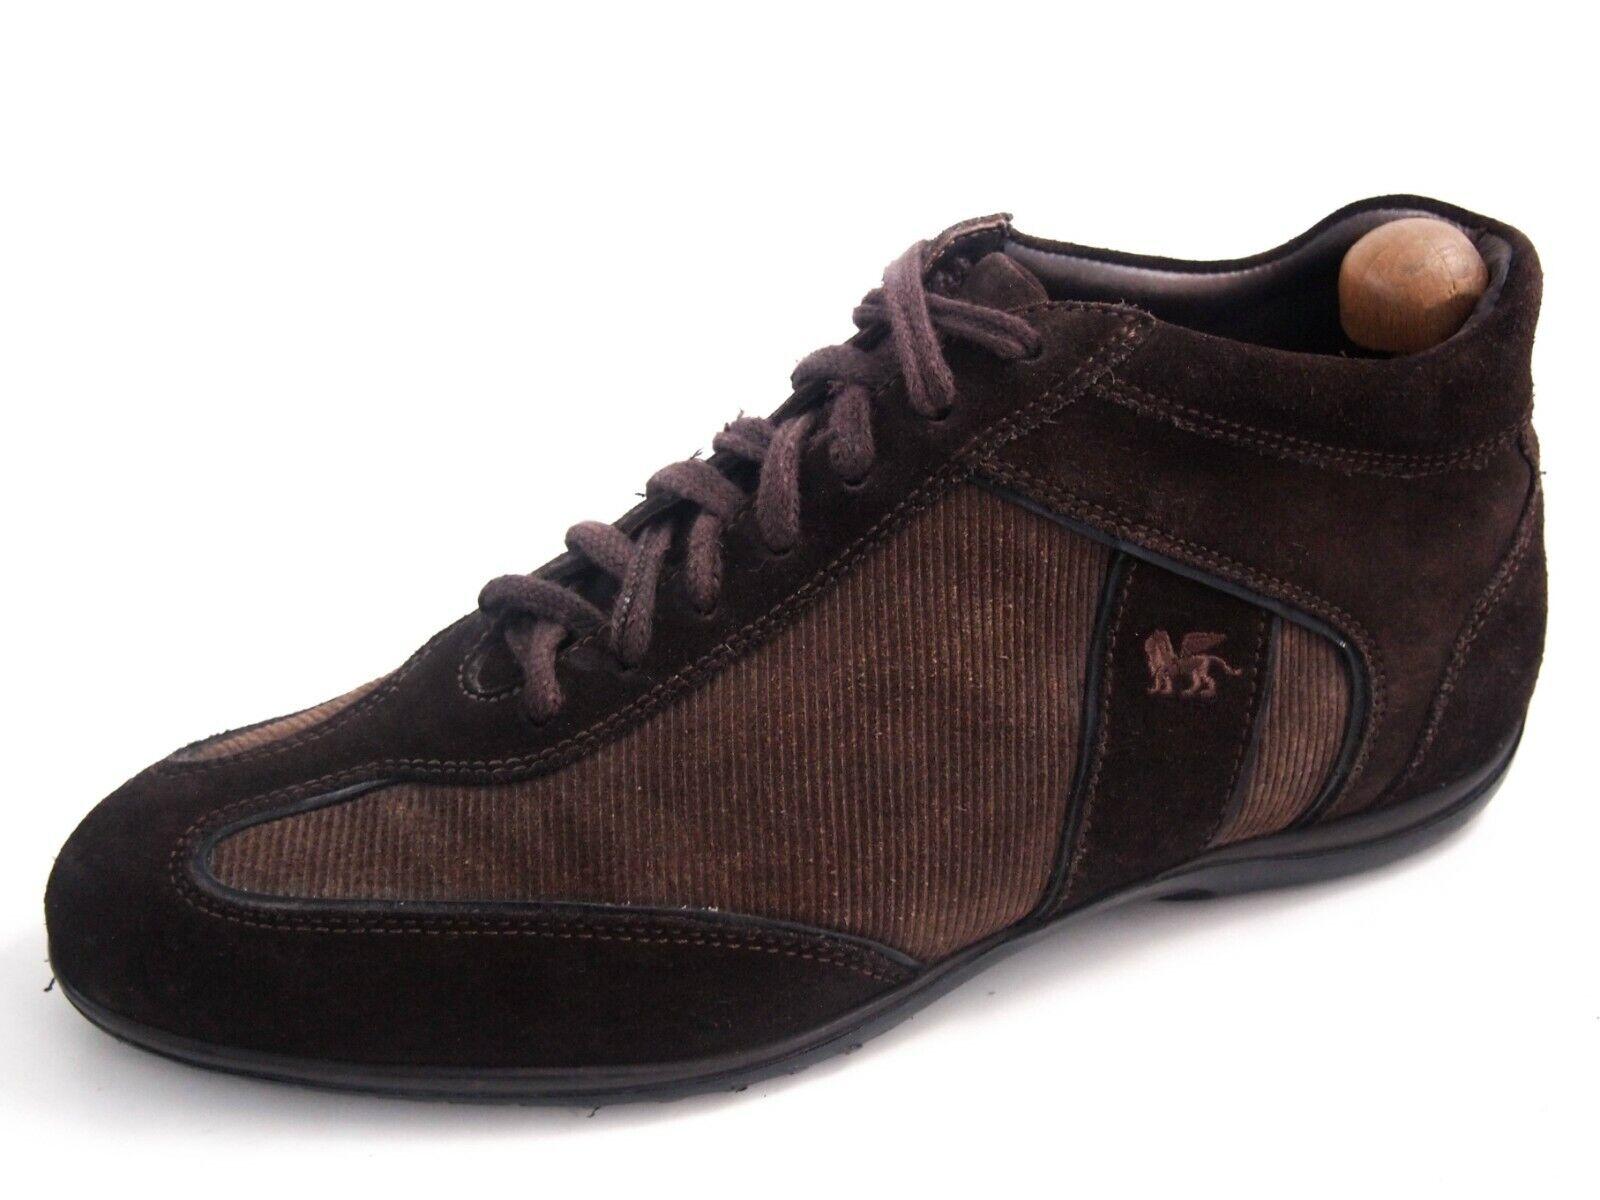 Pal Pal Pal Zileri high-top scarpe da ginnastica, Marroneee suede, uomo scarpe Dimensione US 10 EU 43  420 43fcc5